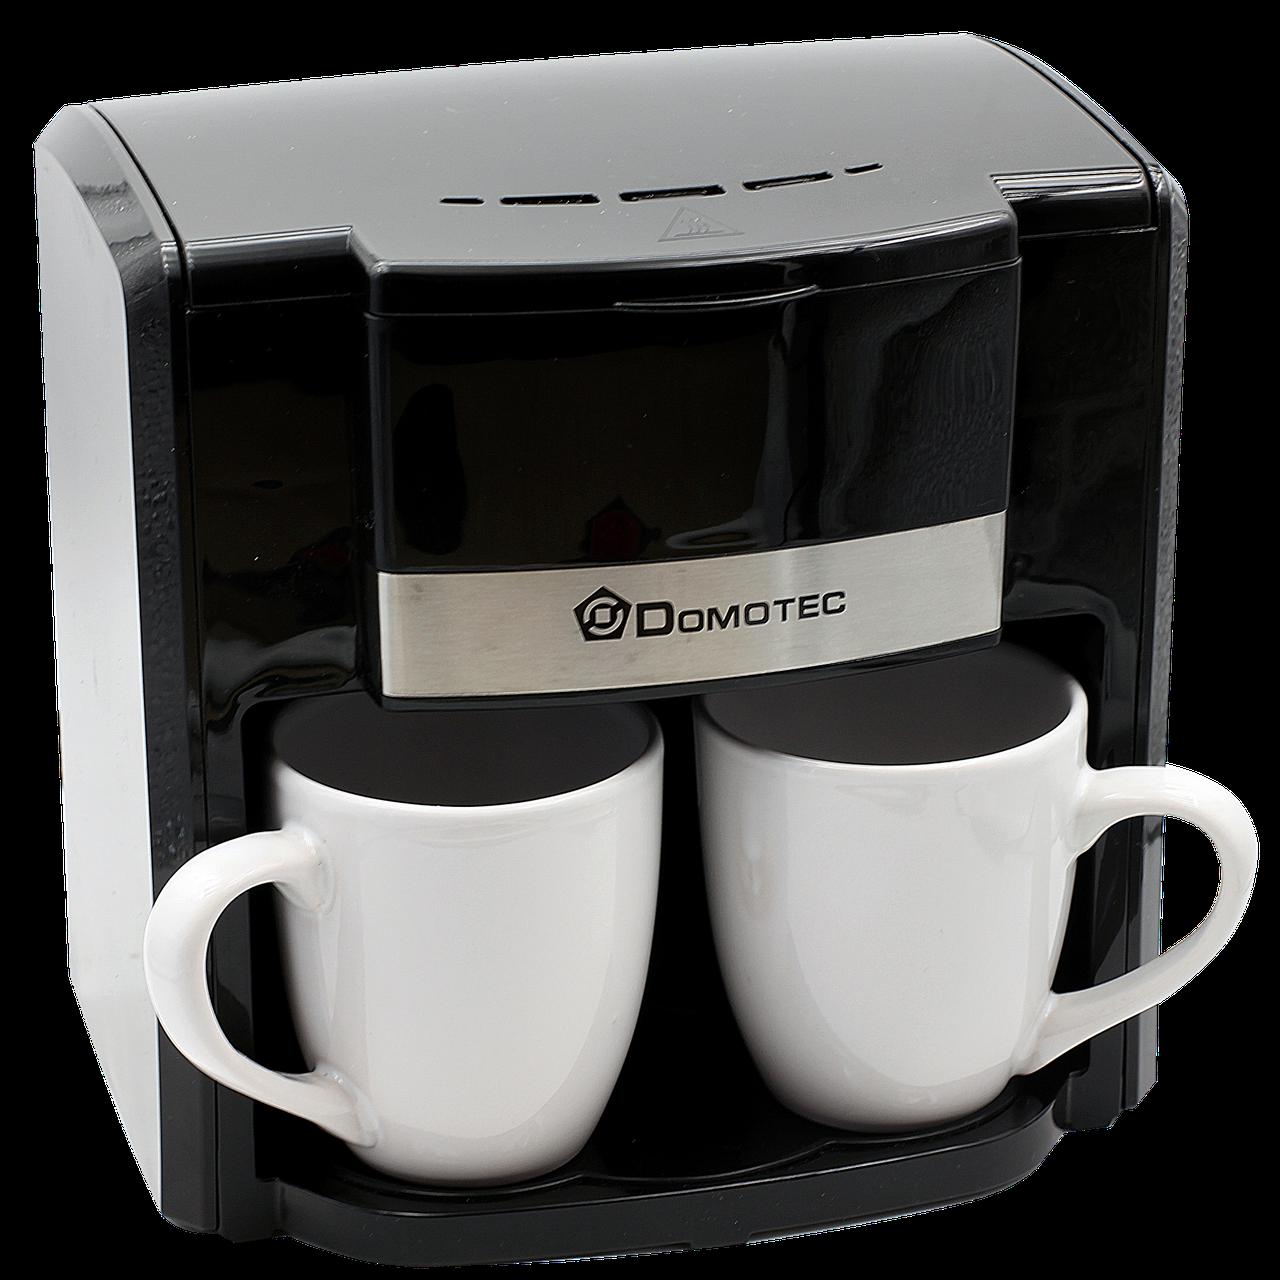 Кофеварка Domotec MS 0708 220V на 2 чашки   Автоматическая кофемашина